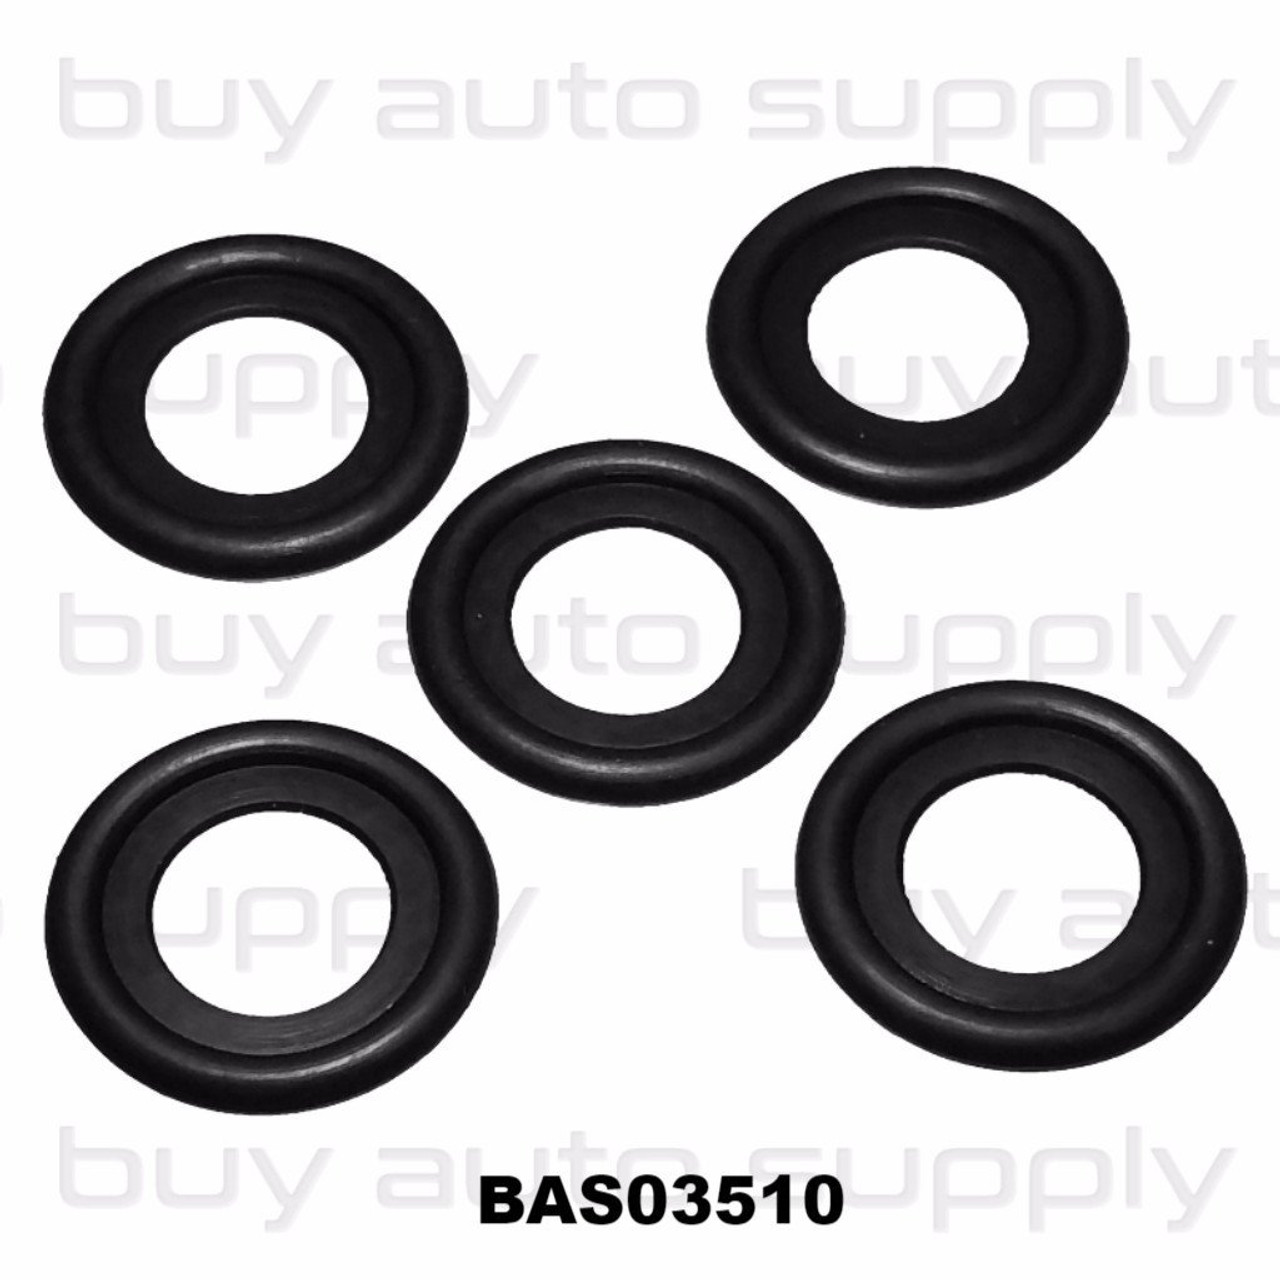 Rubber Drain Plug Gasket fits M12 - BAS03510 - Interchange 7041392, 097-119, 12616850, 3536966